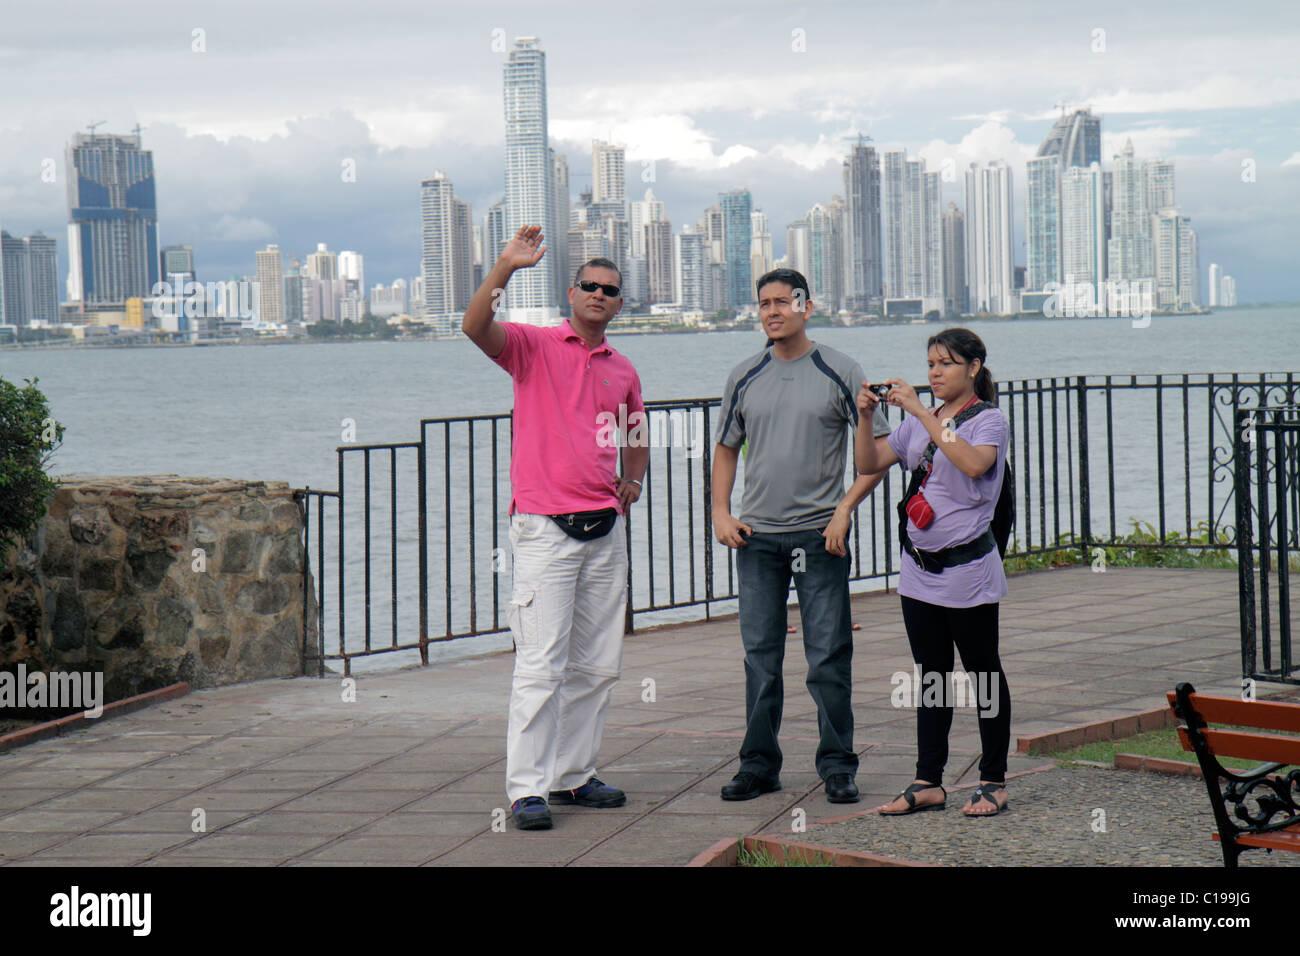 Città di Panama Panama Casco Viejo San Felipe Bahia de Panama Oceano Pacifico dal lungomare vista dello skyline Immagini Stock